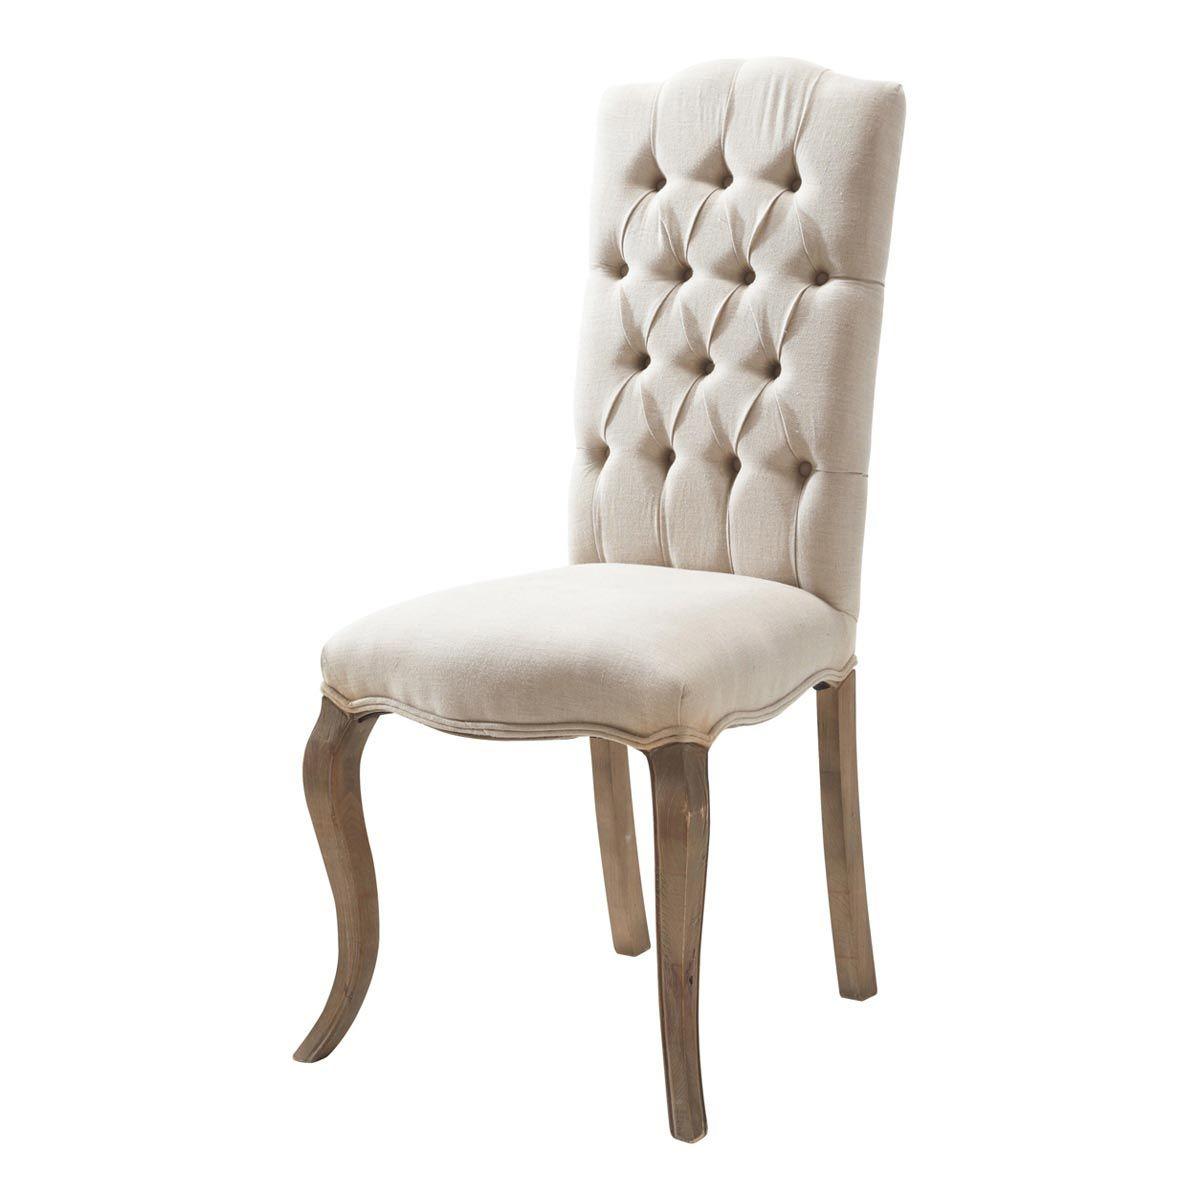 Linen And Ash Button Chair Maisons Du Monde Chaises De Salle A Manger Design Chaise Capitonnee Chaise De Salle A Manger